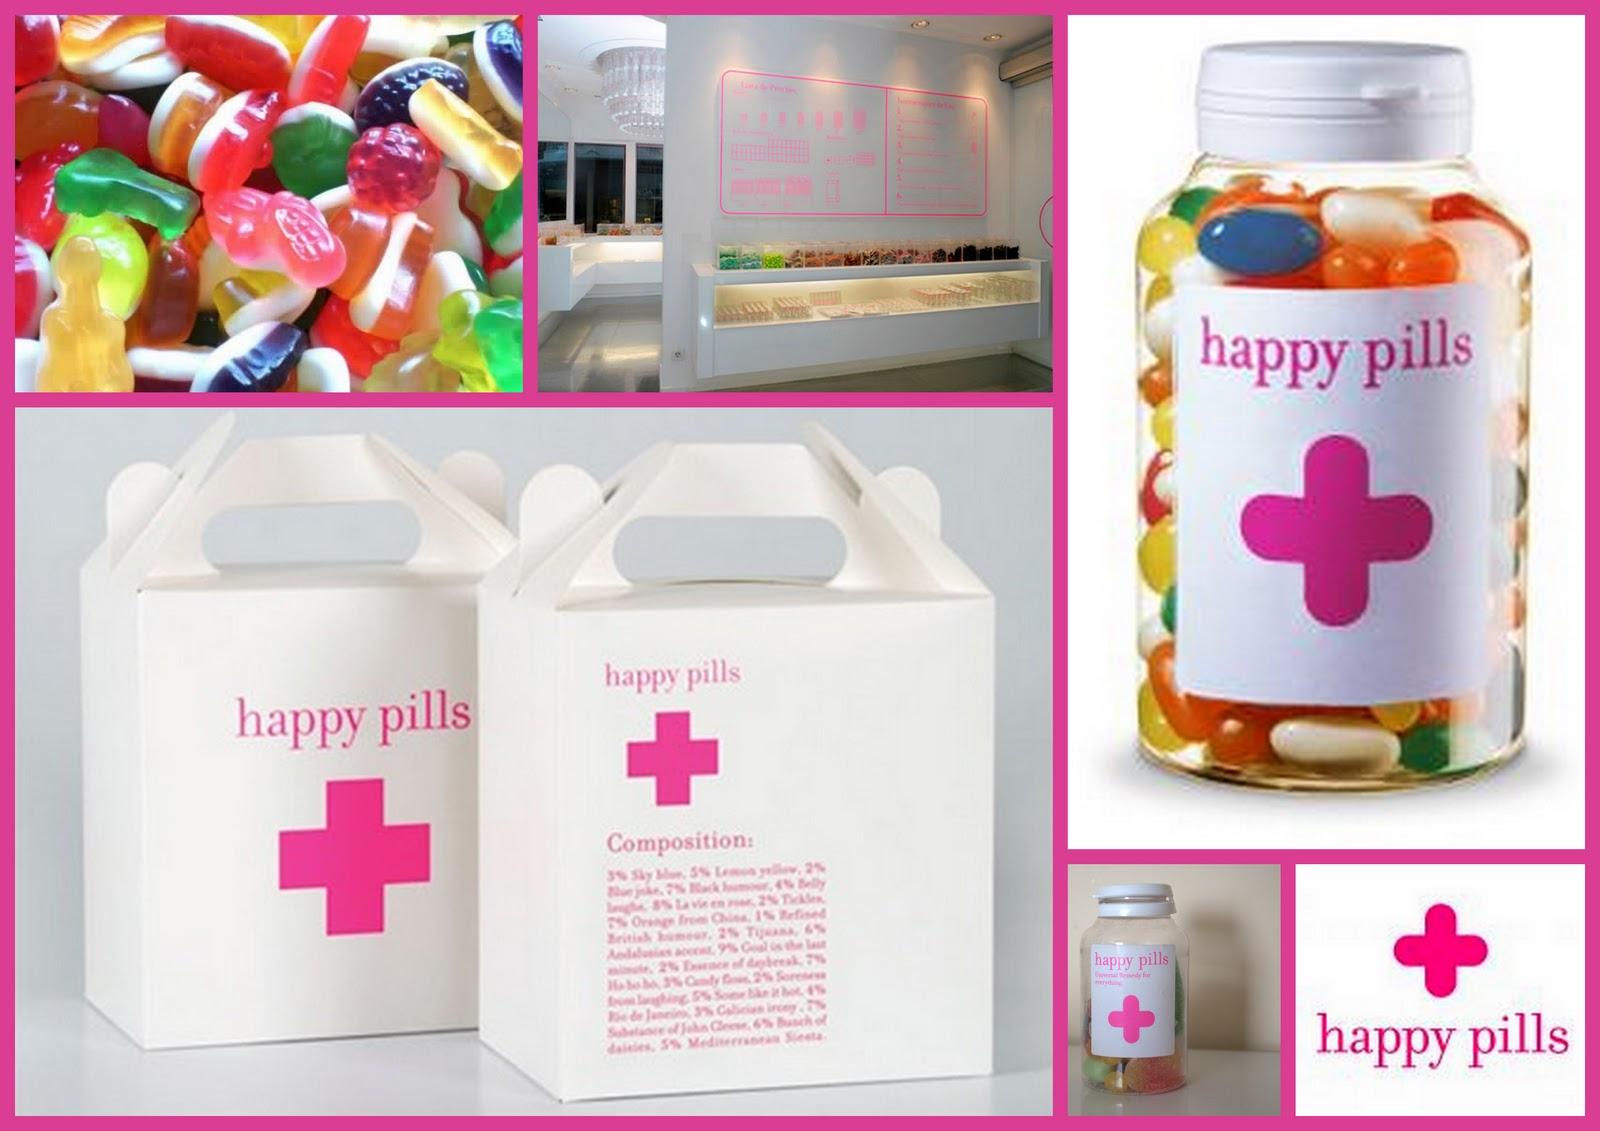 صورة أخيراً متجر يبيع حبوب السعادة